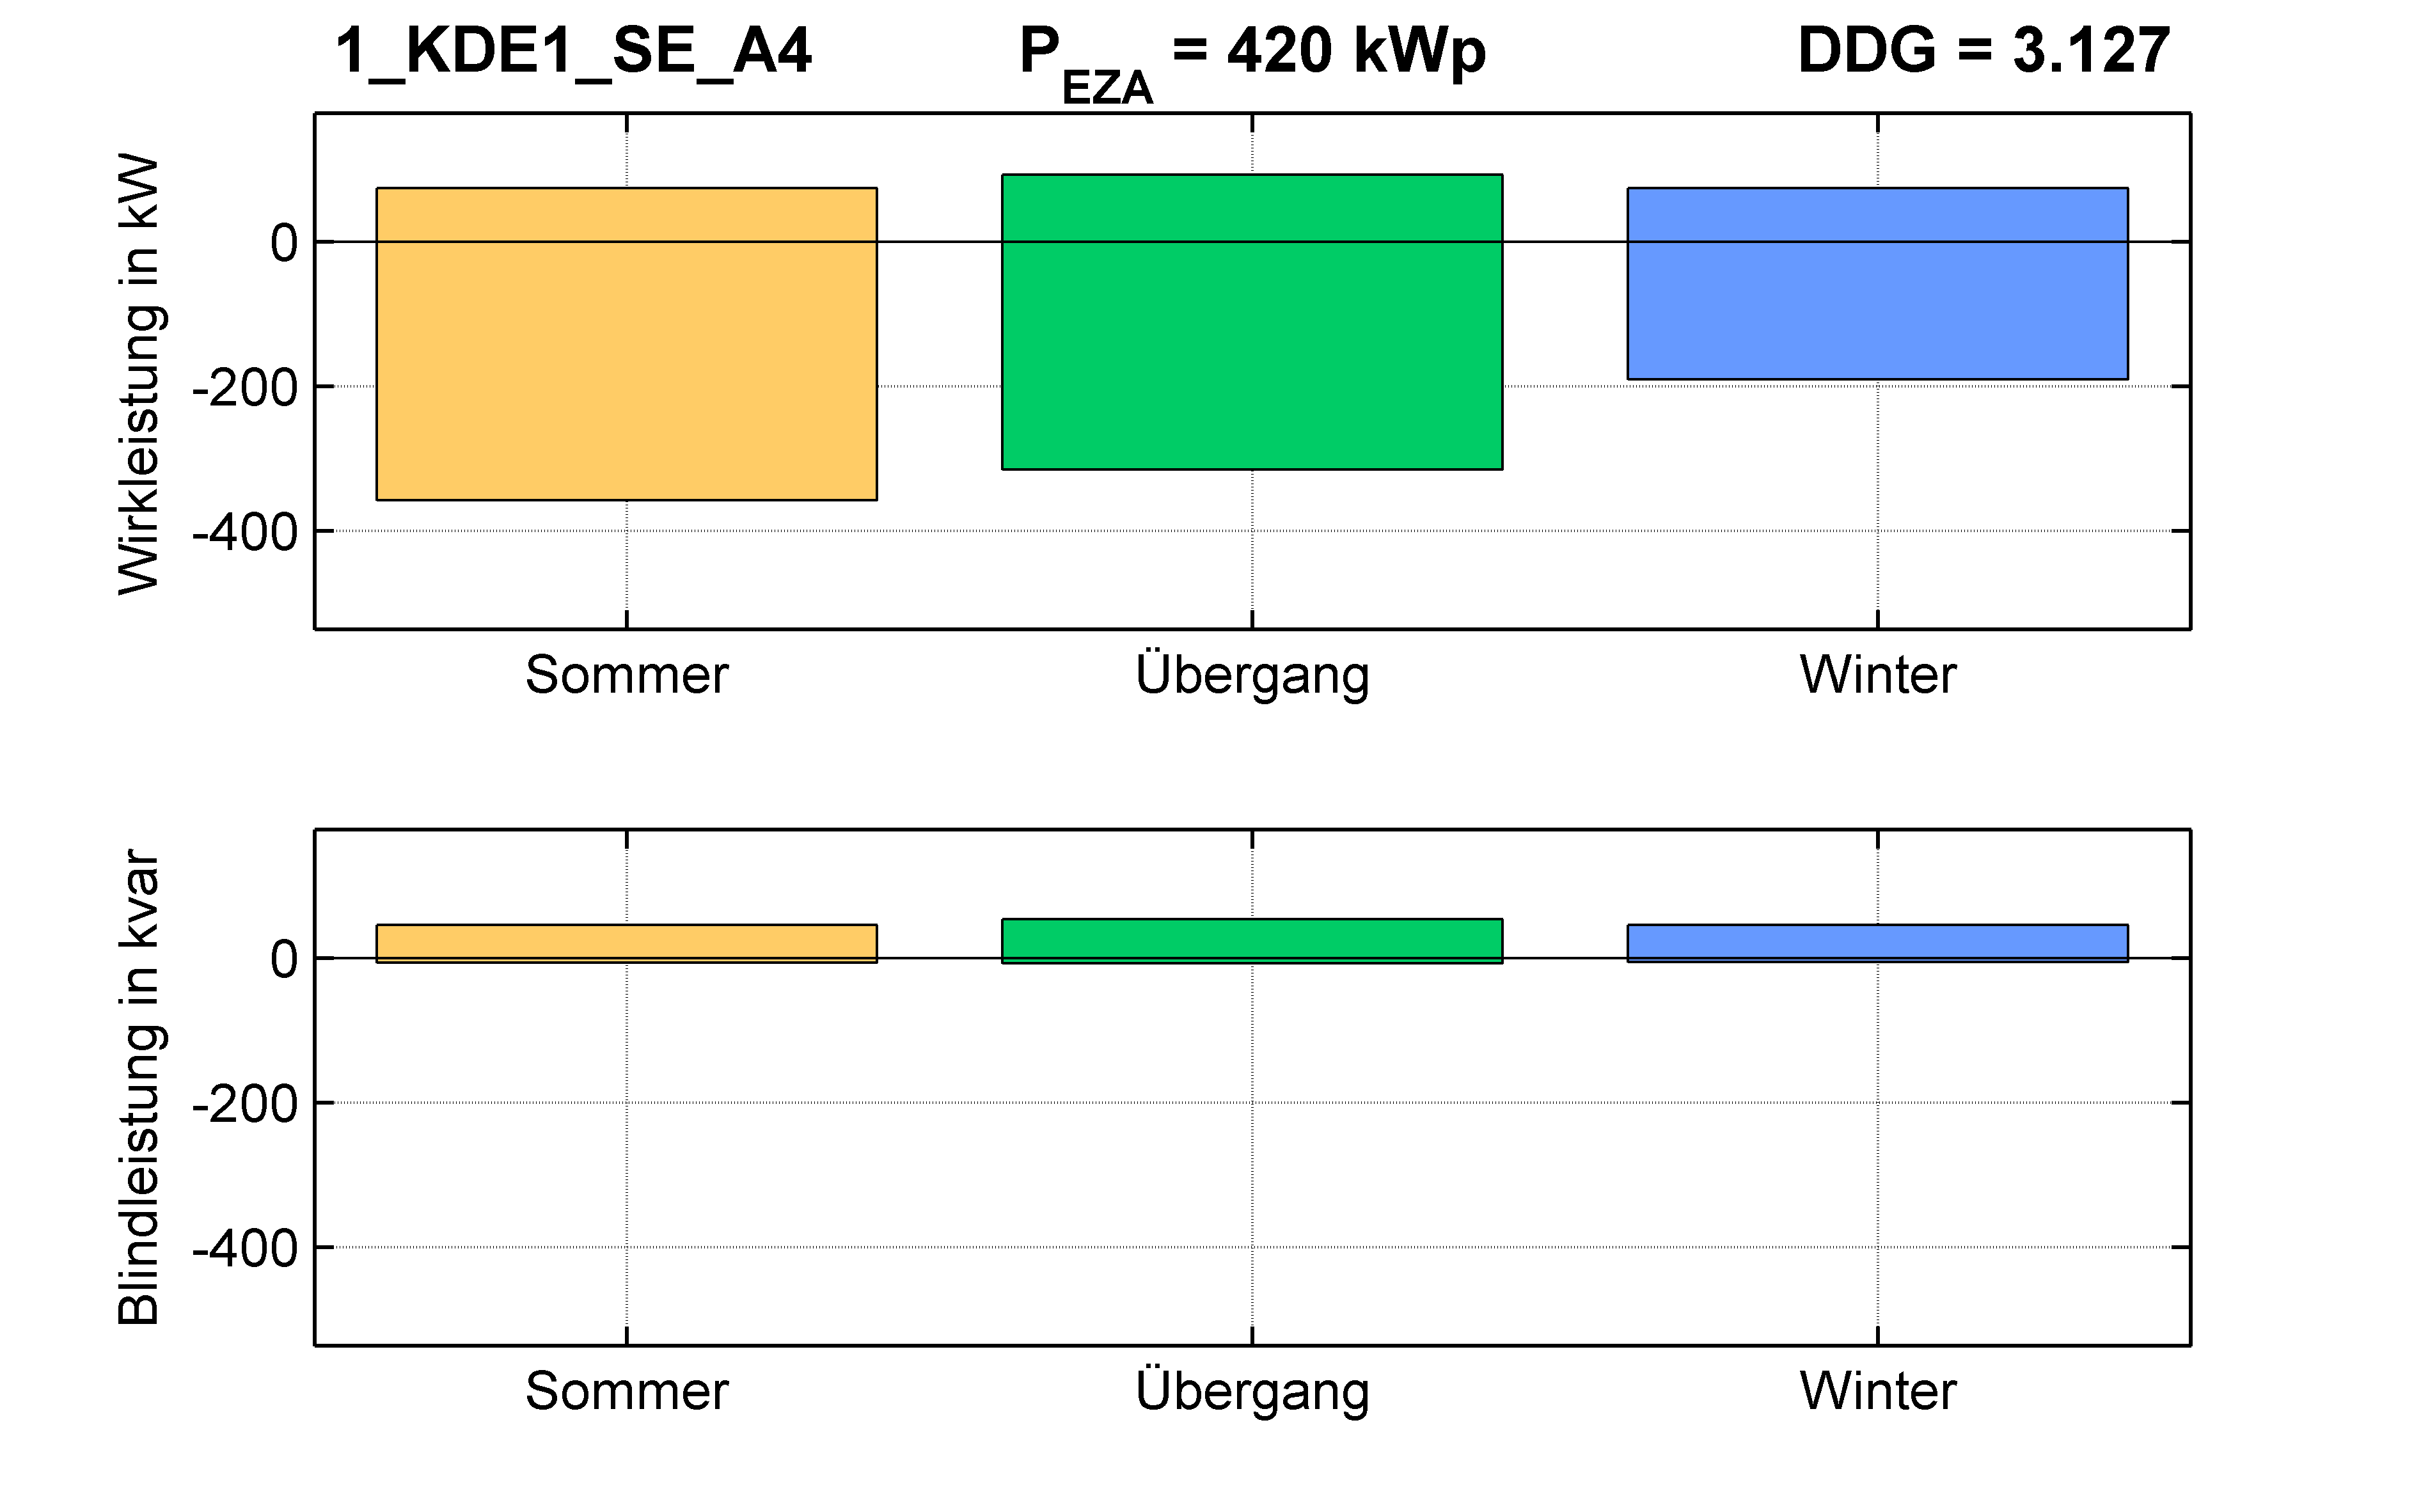 KDE1 | KABEL (SE) A4 | PQ-Bilanz